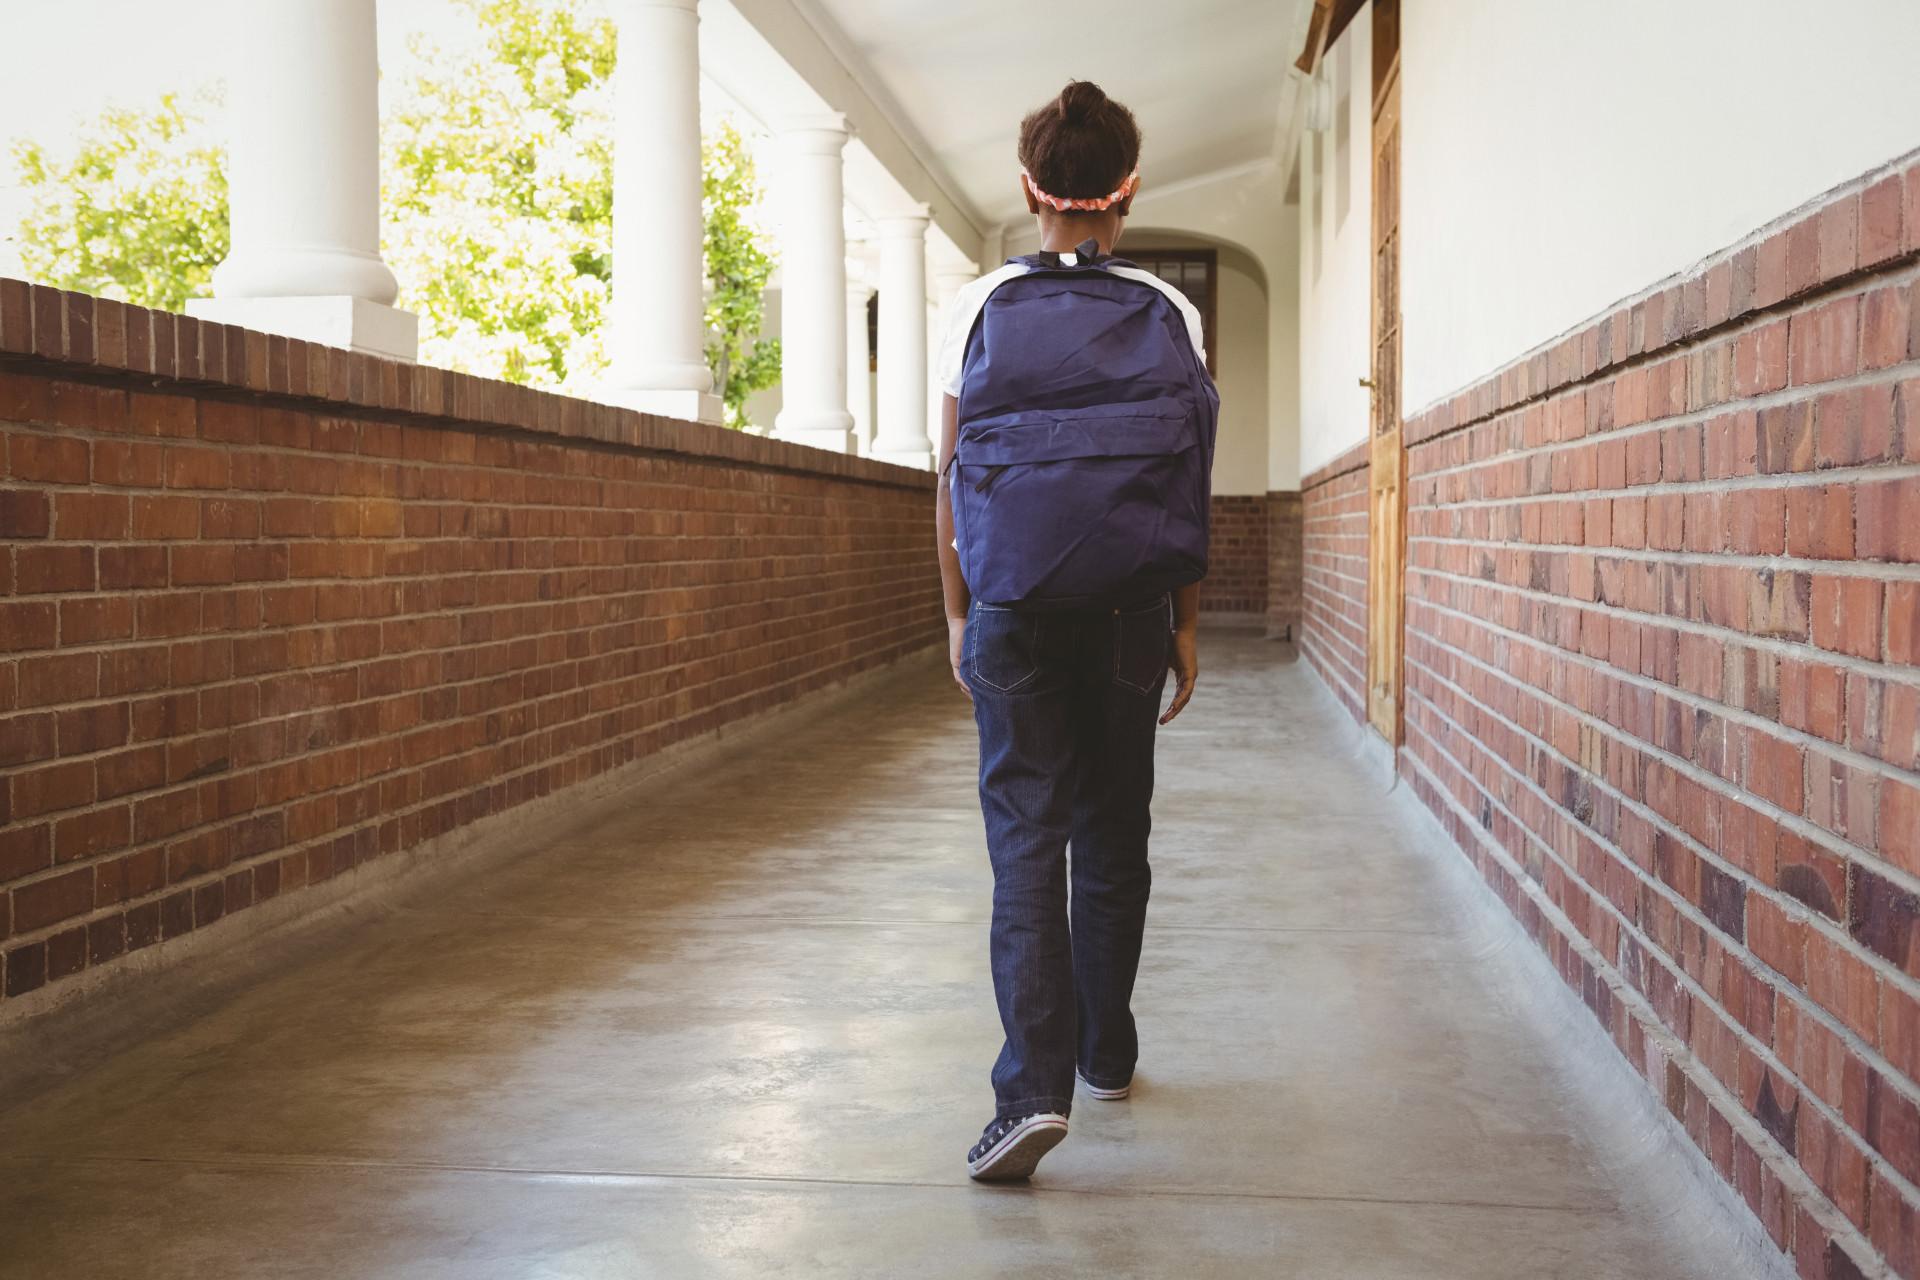 Girl Walking in School Corridor